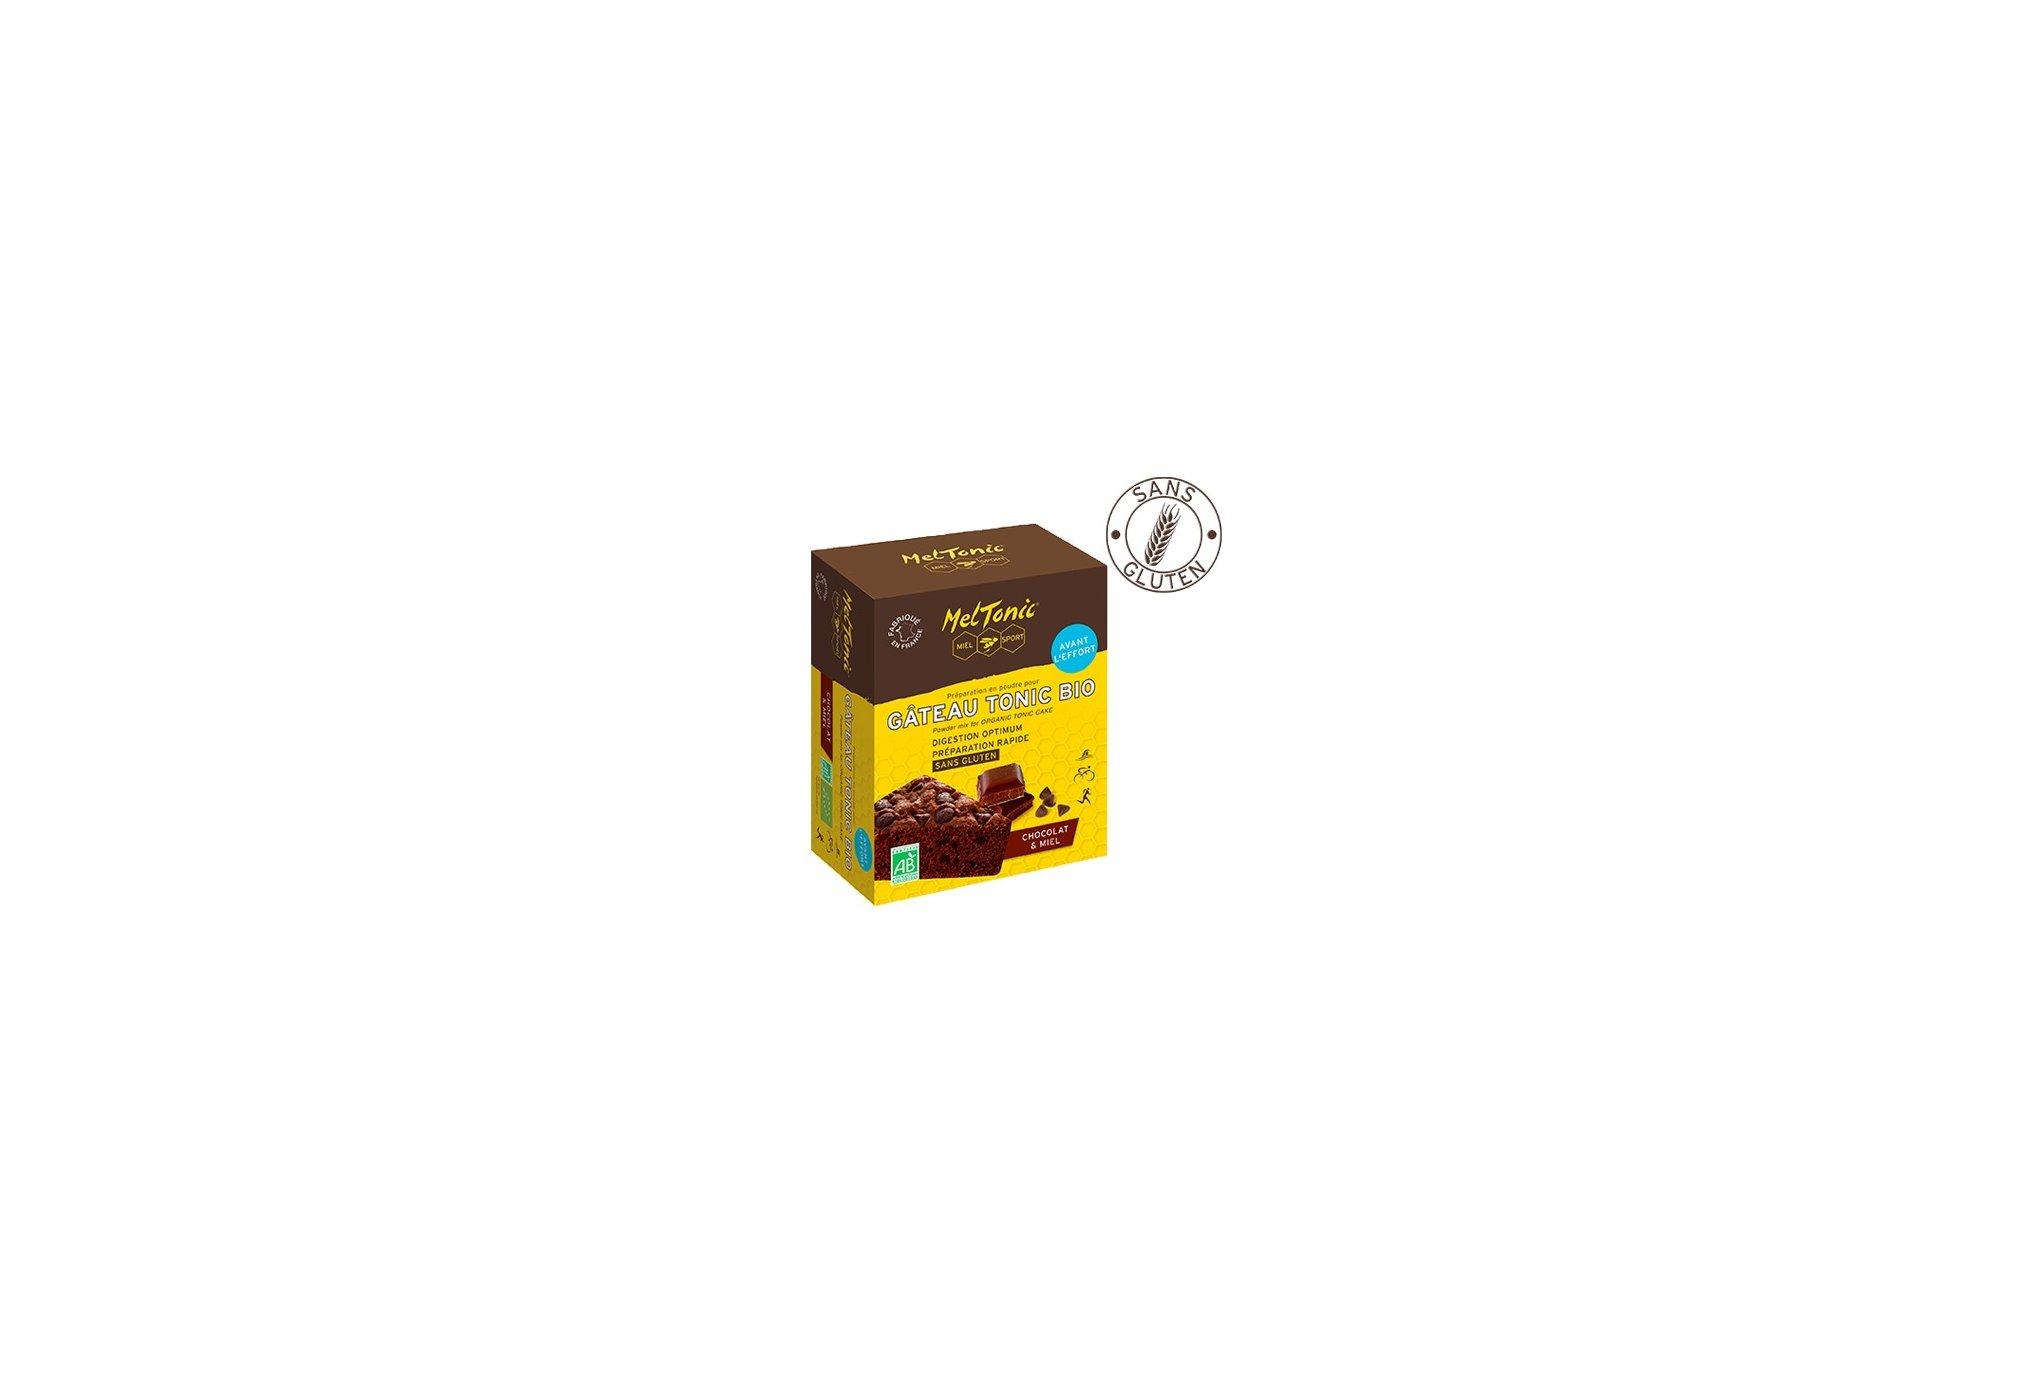 MelTonic Pastel Tonic Bio - Chocolate y miel Diététique Préparation